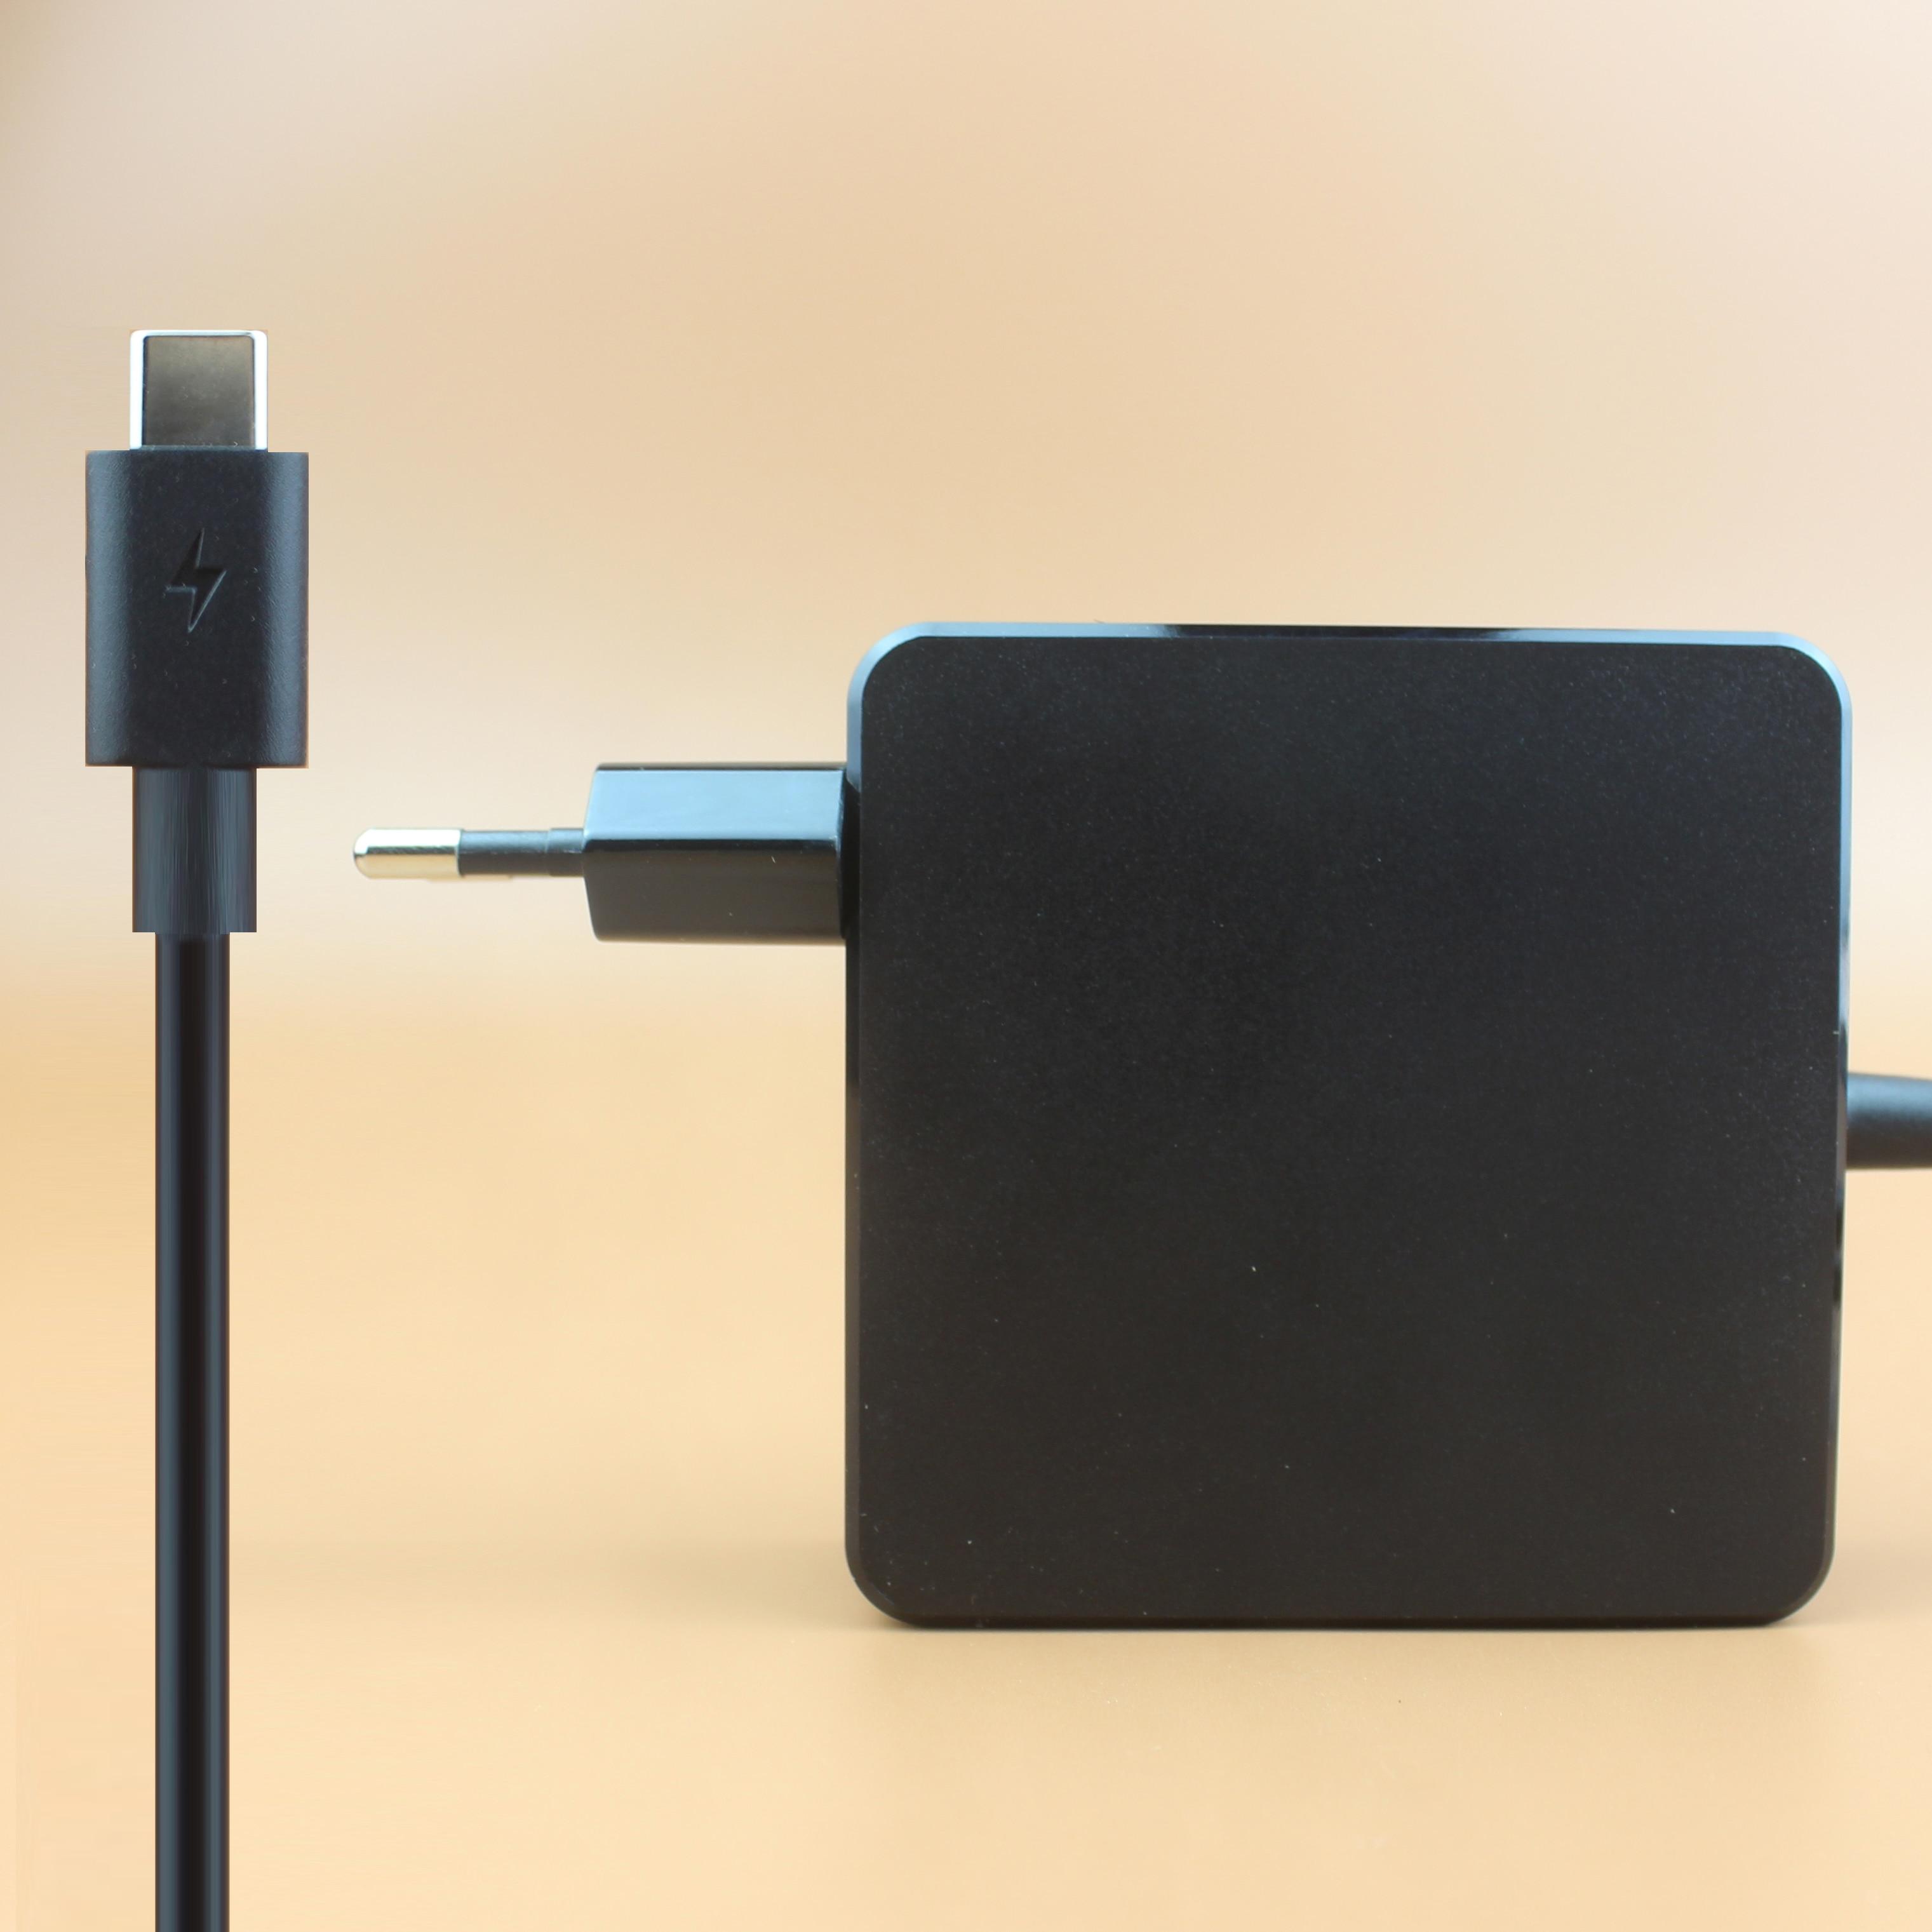 90W 87W 20V 20.2V 4.5A USB C Type C Wall Charger PD Charger For MacBook Pro 12